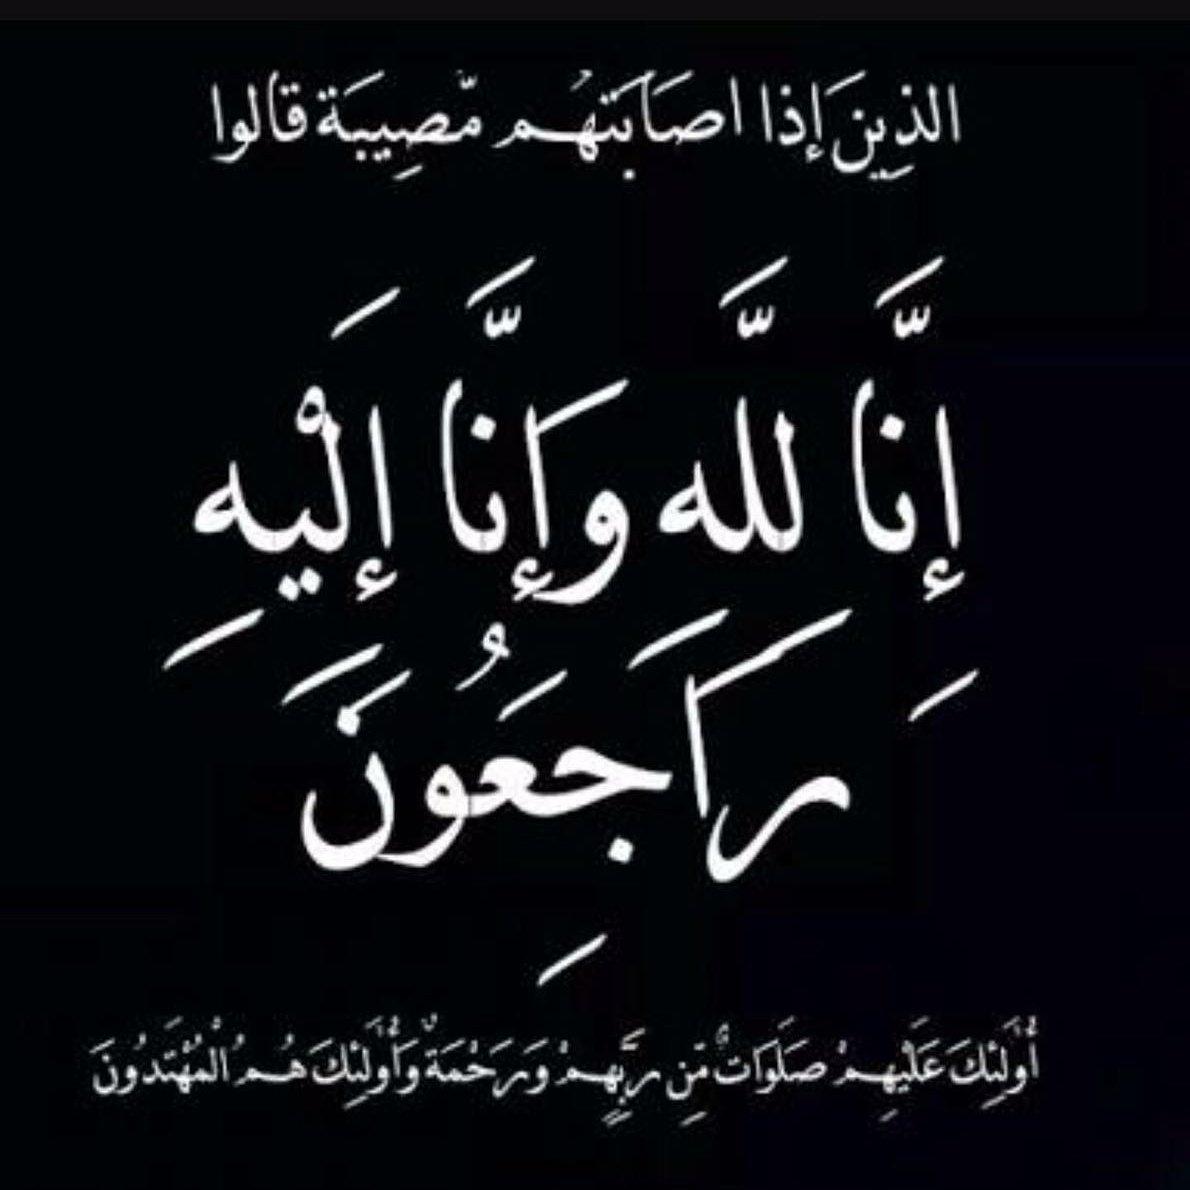 صورة ان لله وان اليه راجعون دعاء , ادعيه لموتنا و موتي المسلمين 1778 2